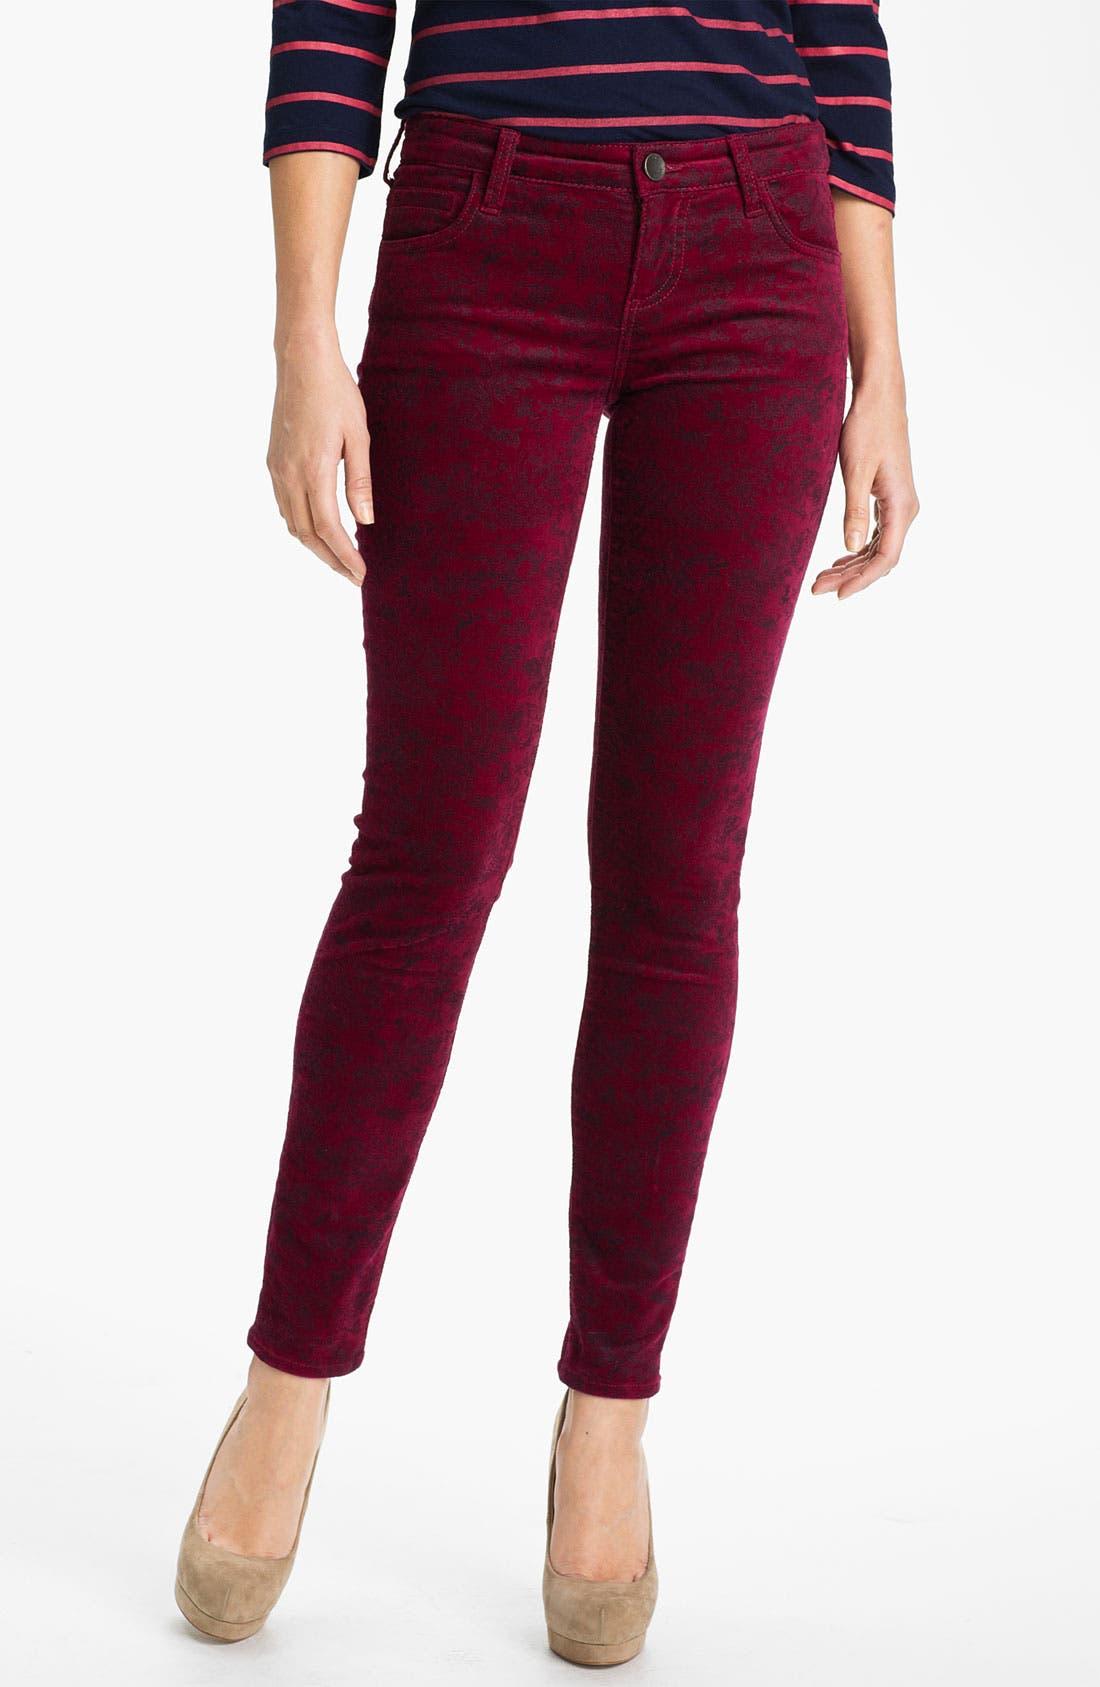 Alternate Image 1 Selected - KUT from the Kloth Velveteen Skinny Jeans